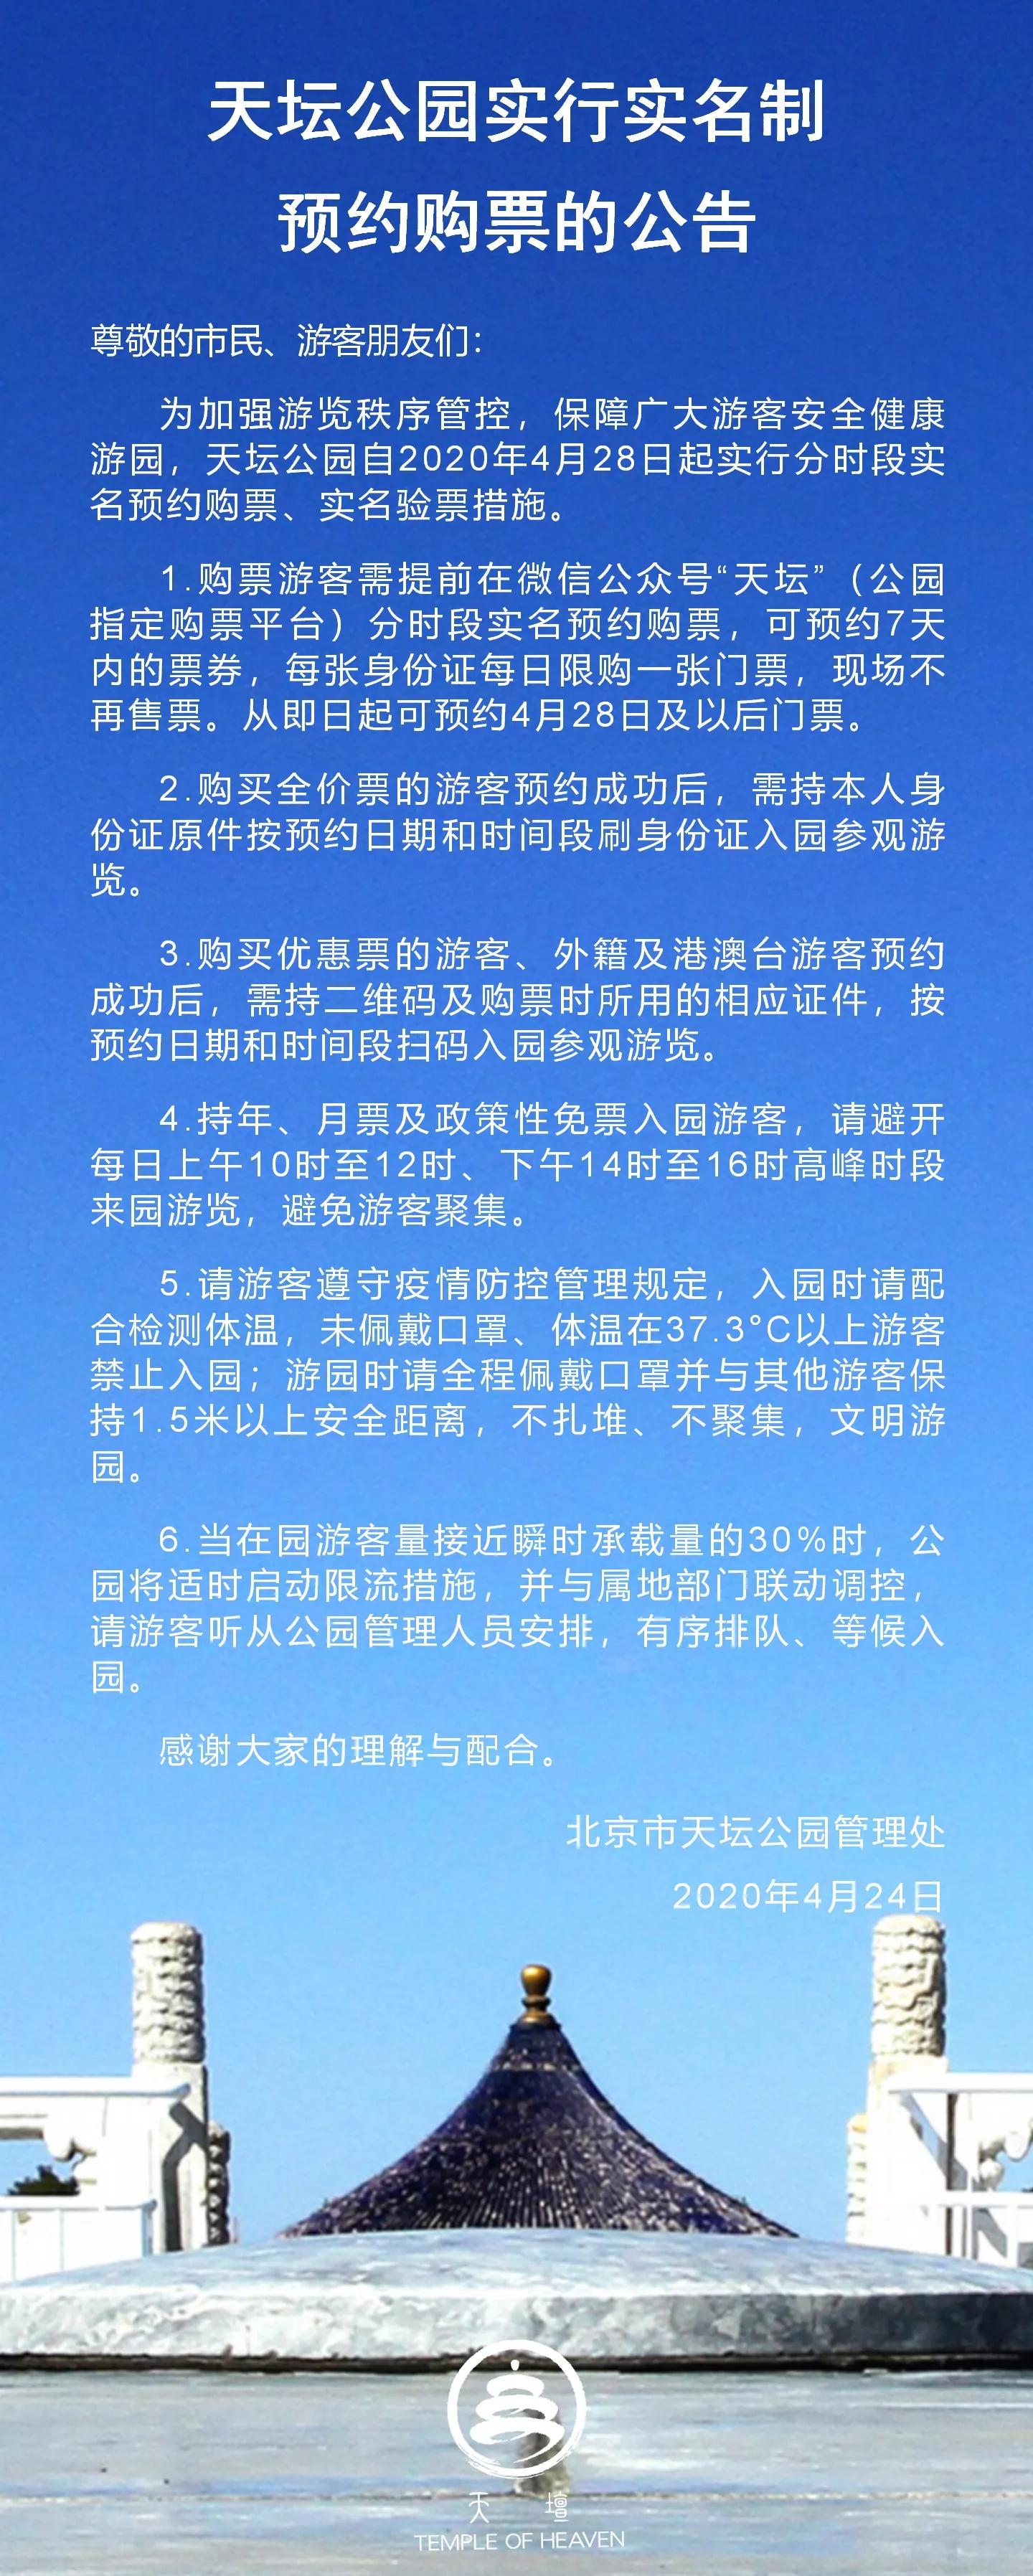 北京天坛公园4月28日起实行实名制预约购票